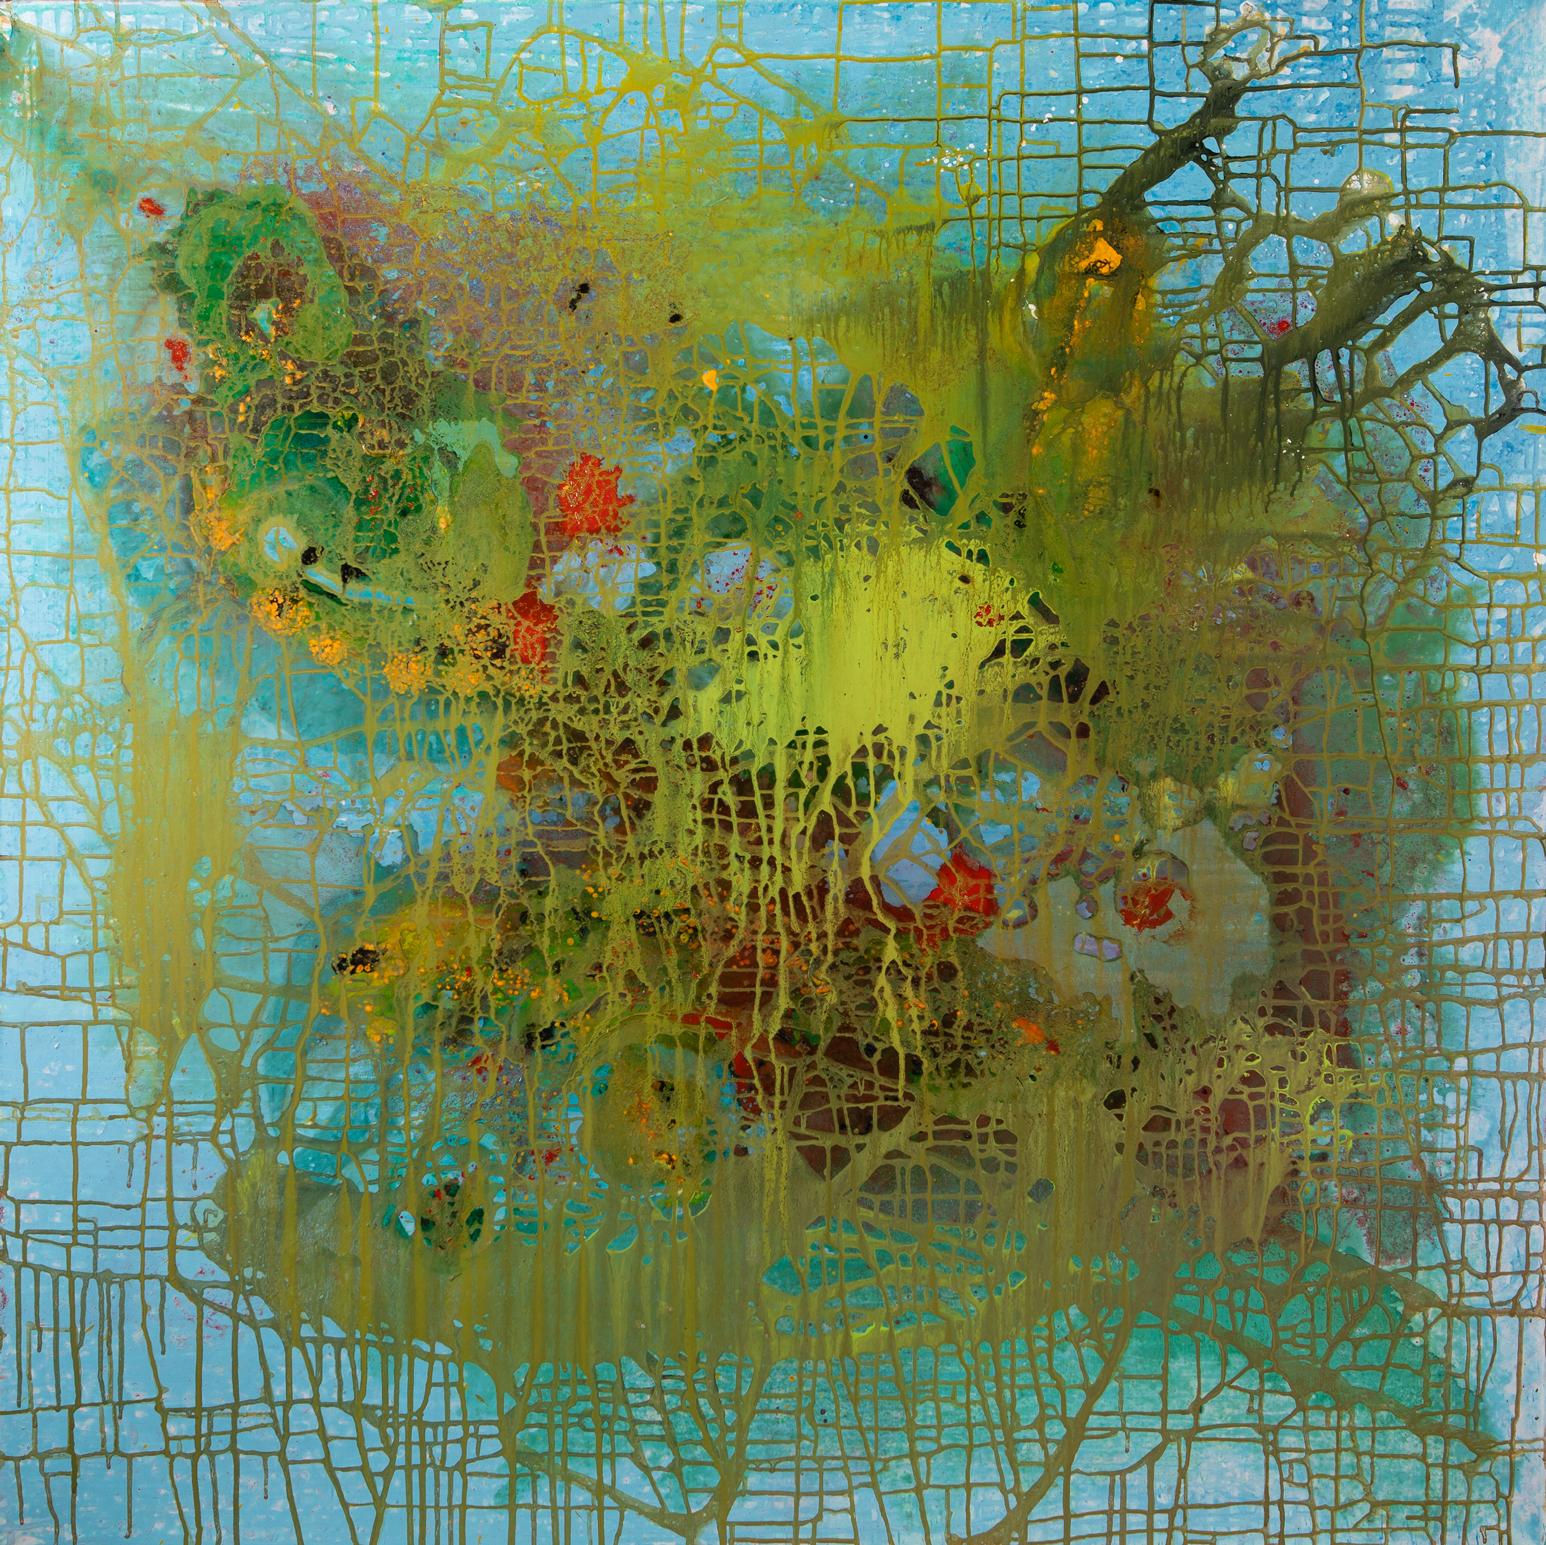 Fischernetz - 2018Acryl auf Leinwand120 x 120 cm